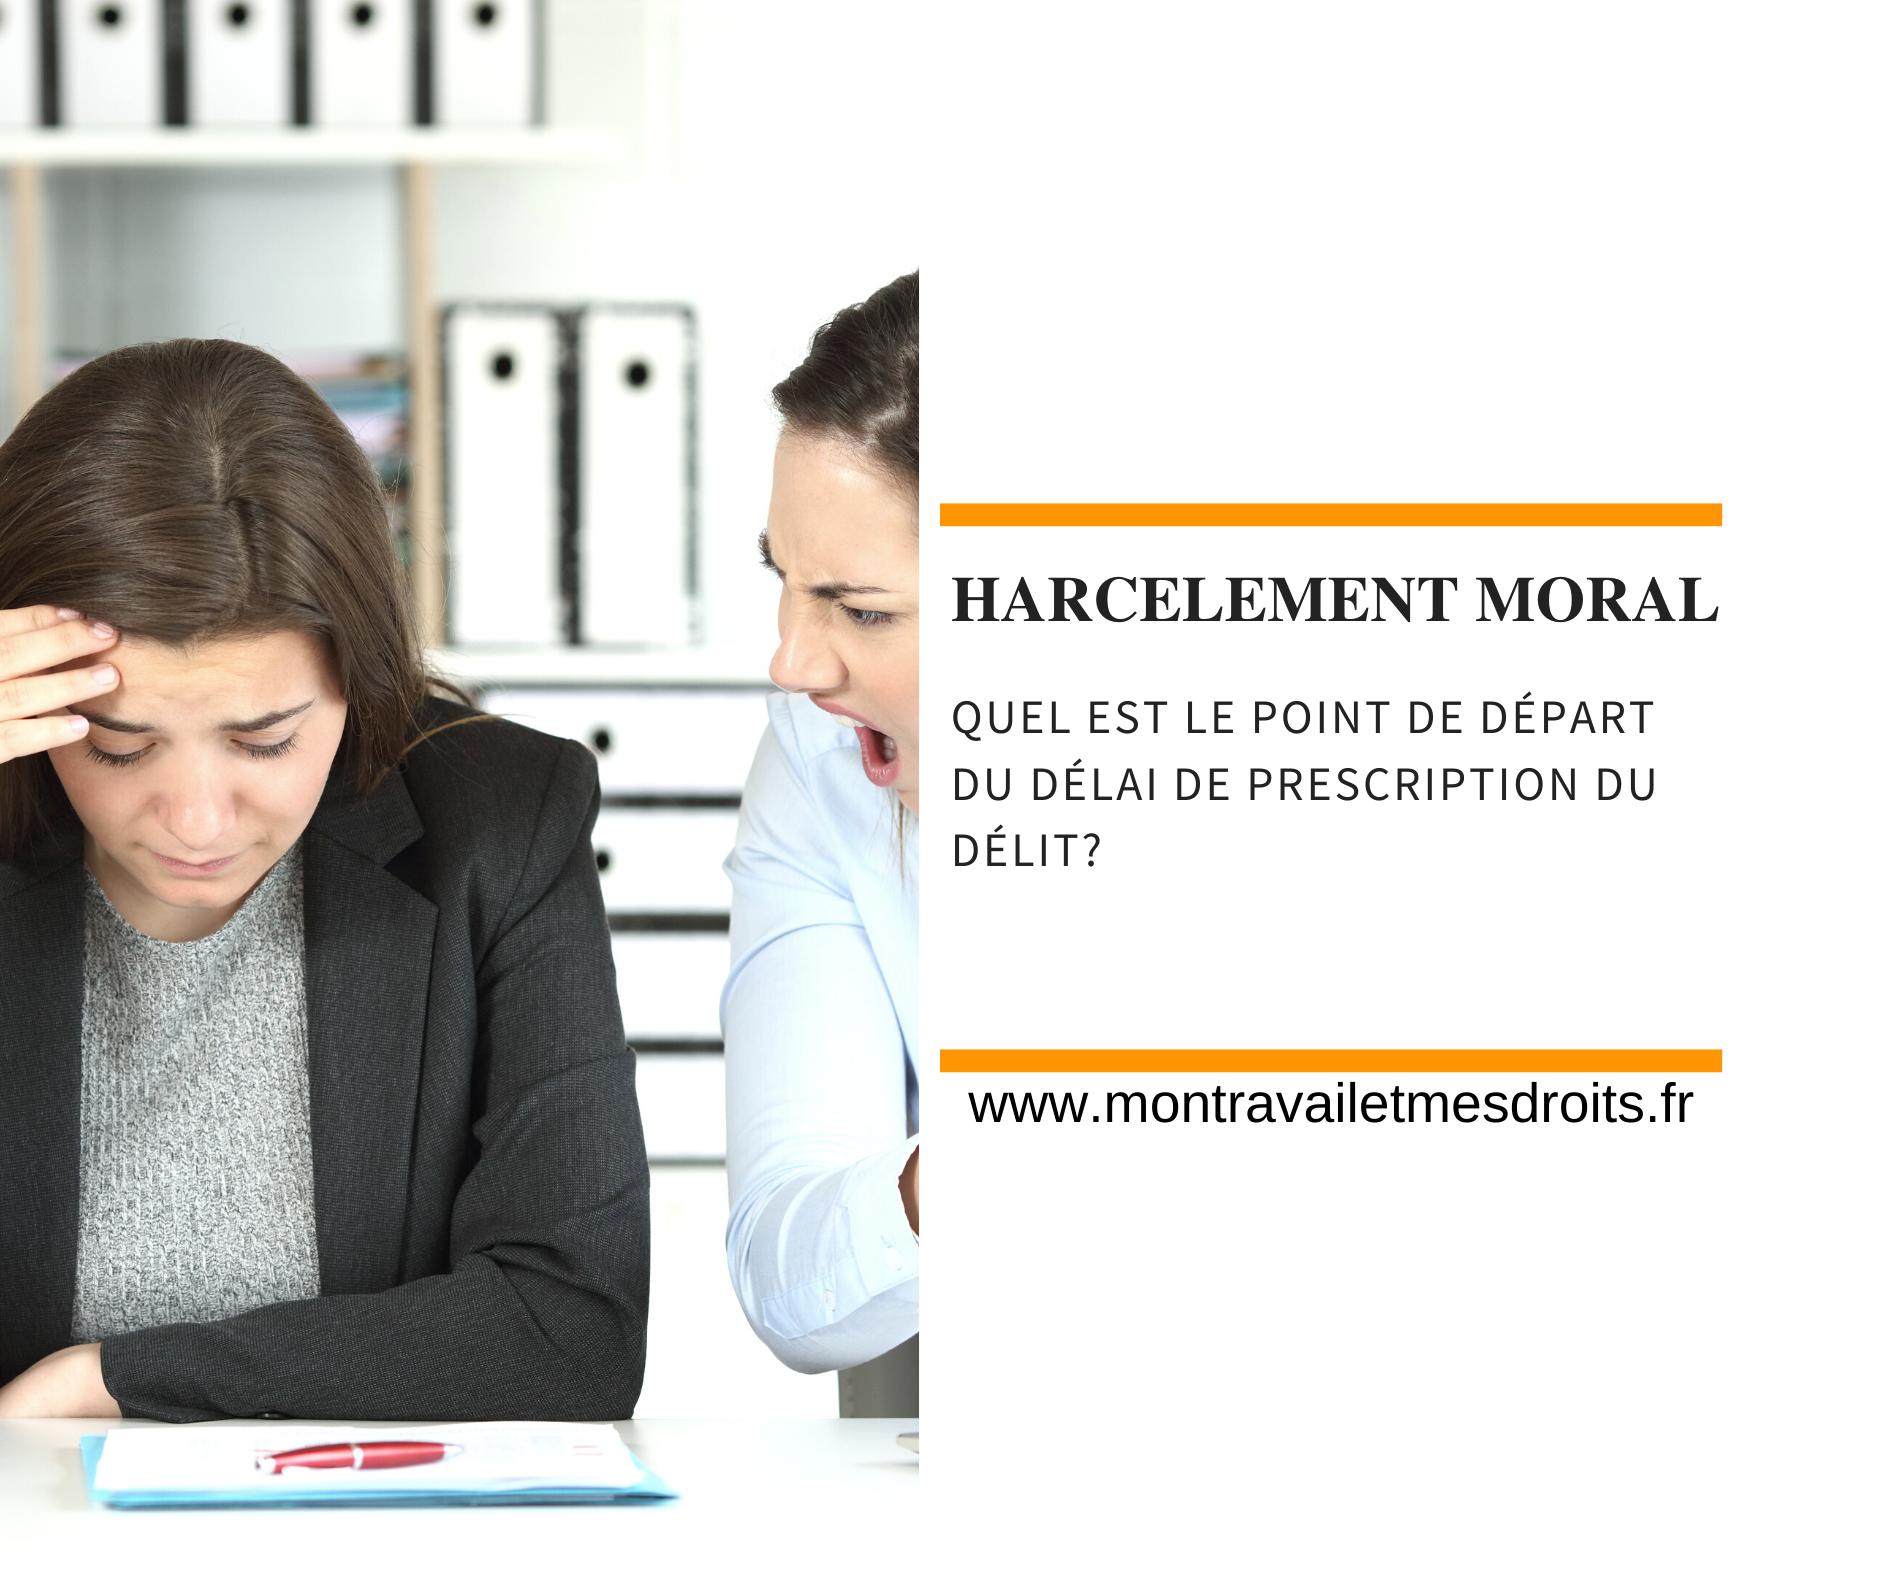 Quel est le point de départ du délai de prescription du délit de harcèlement moral ?